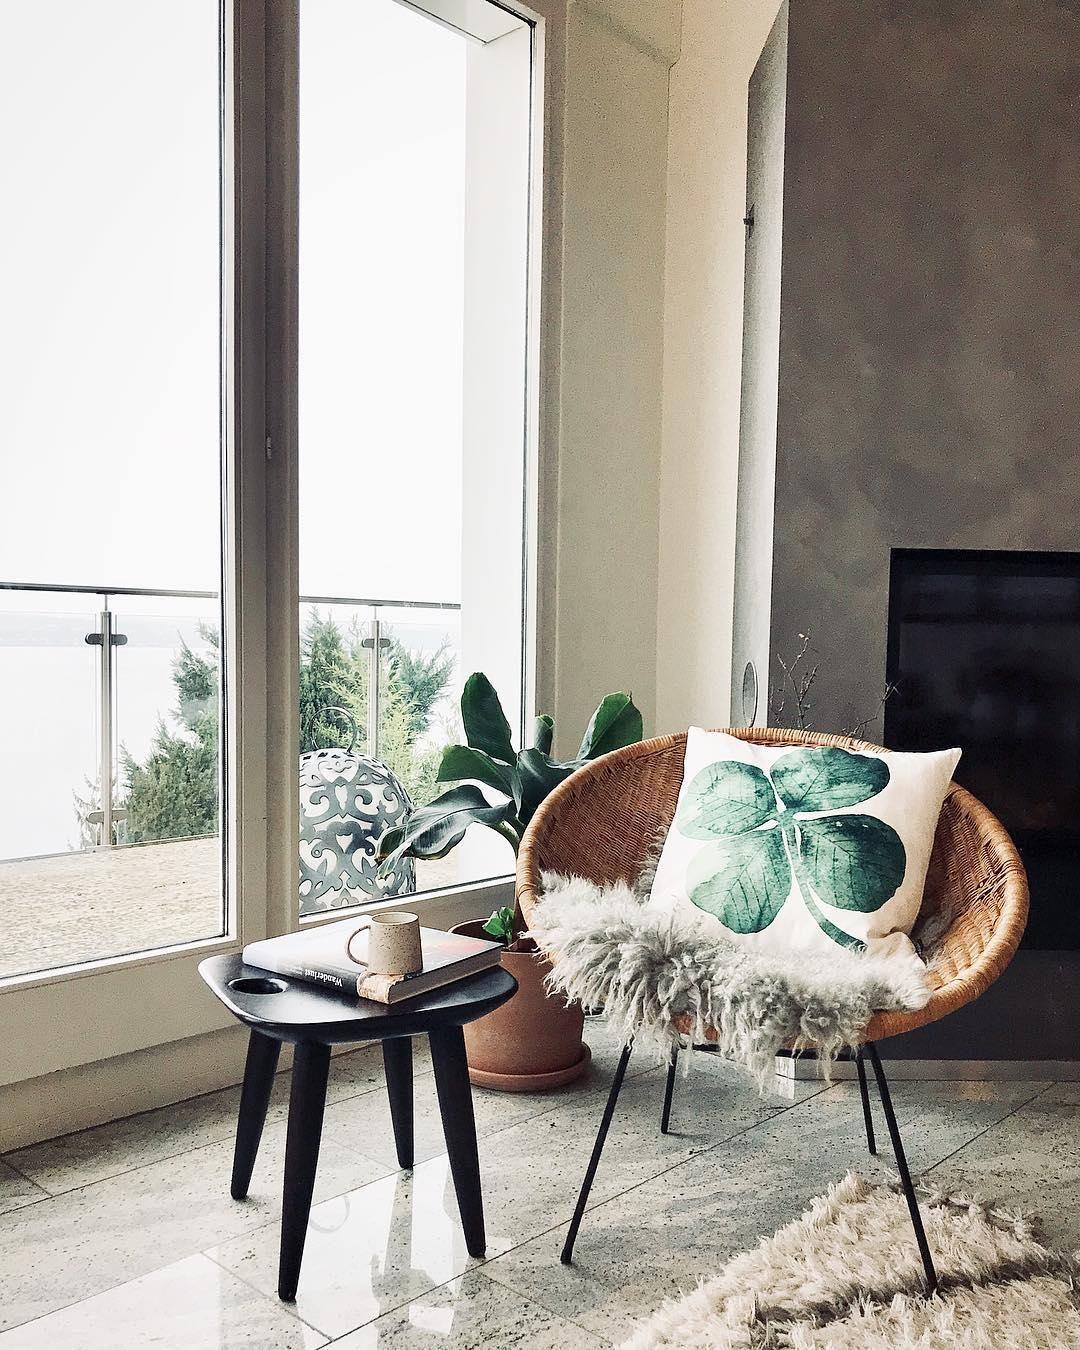 Gonne Dir Ein Wenig Luxus Die Tibetische Lammfell Sitzauflage Ella Von By46 Eignet Sich Hervorragend Als Kuscheliges Wohnzimmer Sessel Inneneinrichtung Sessel